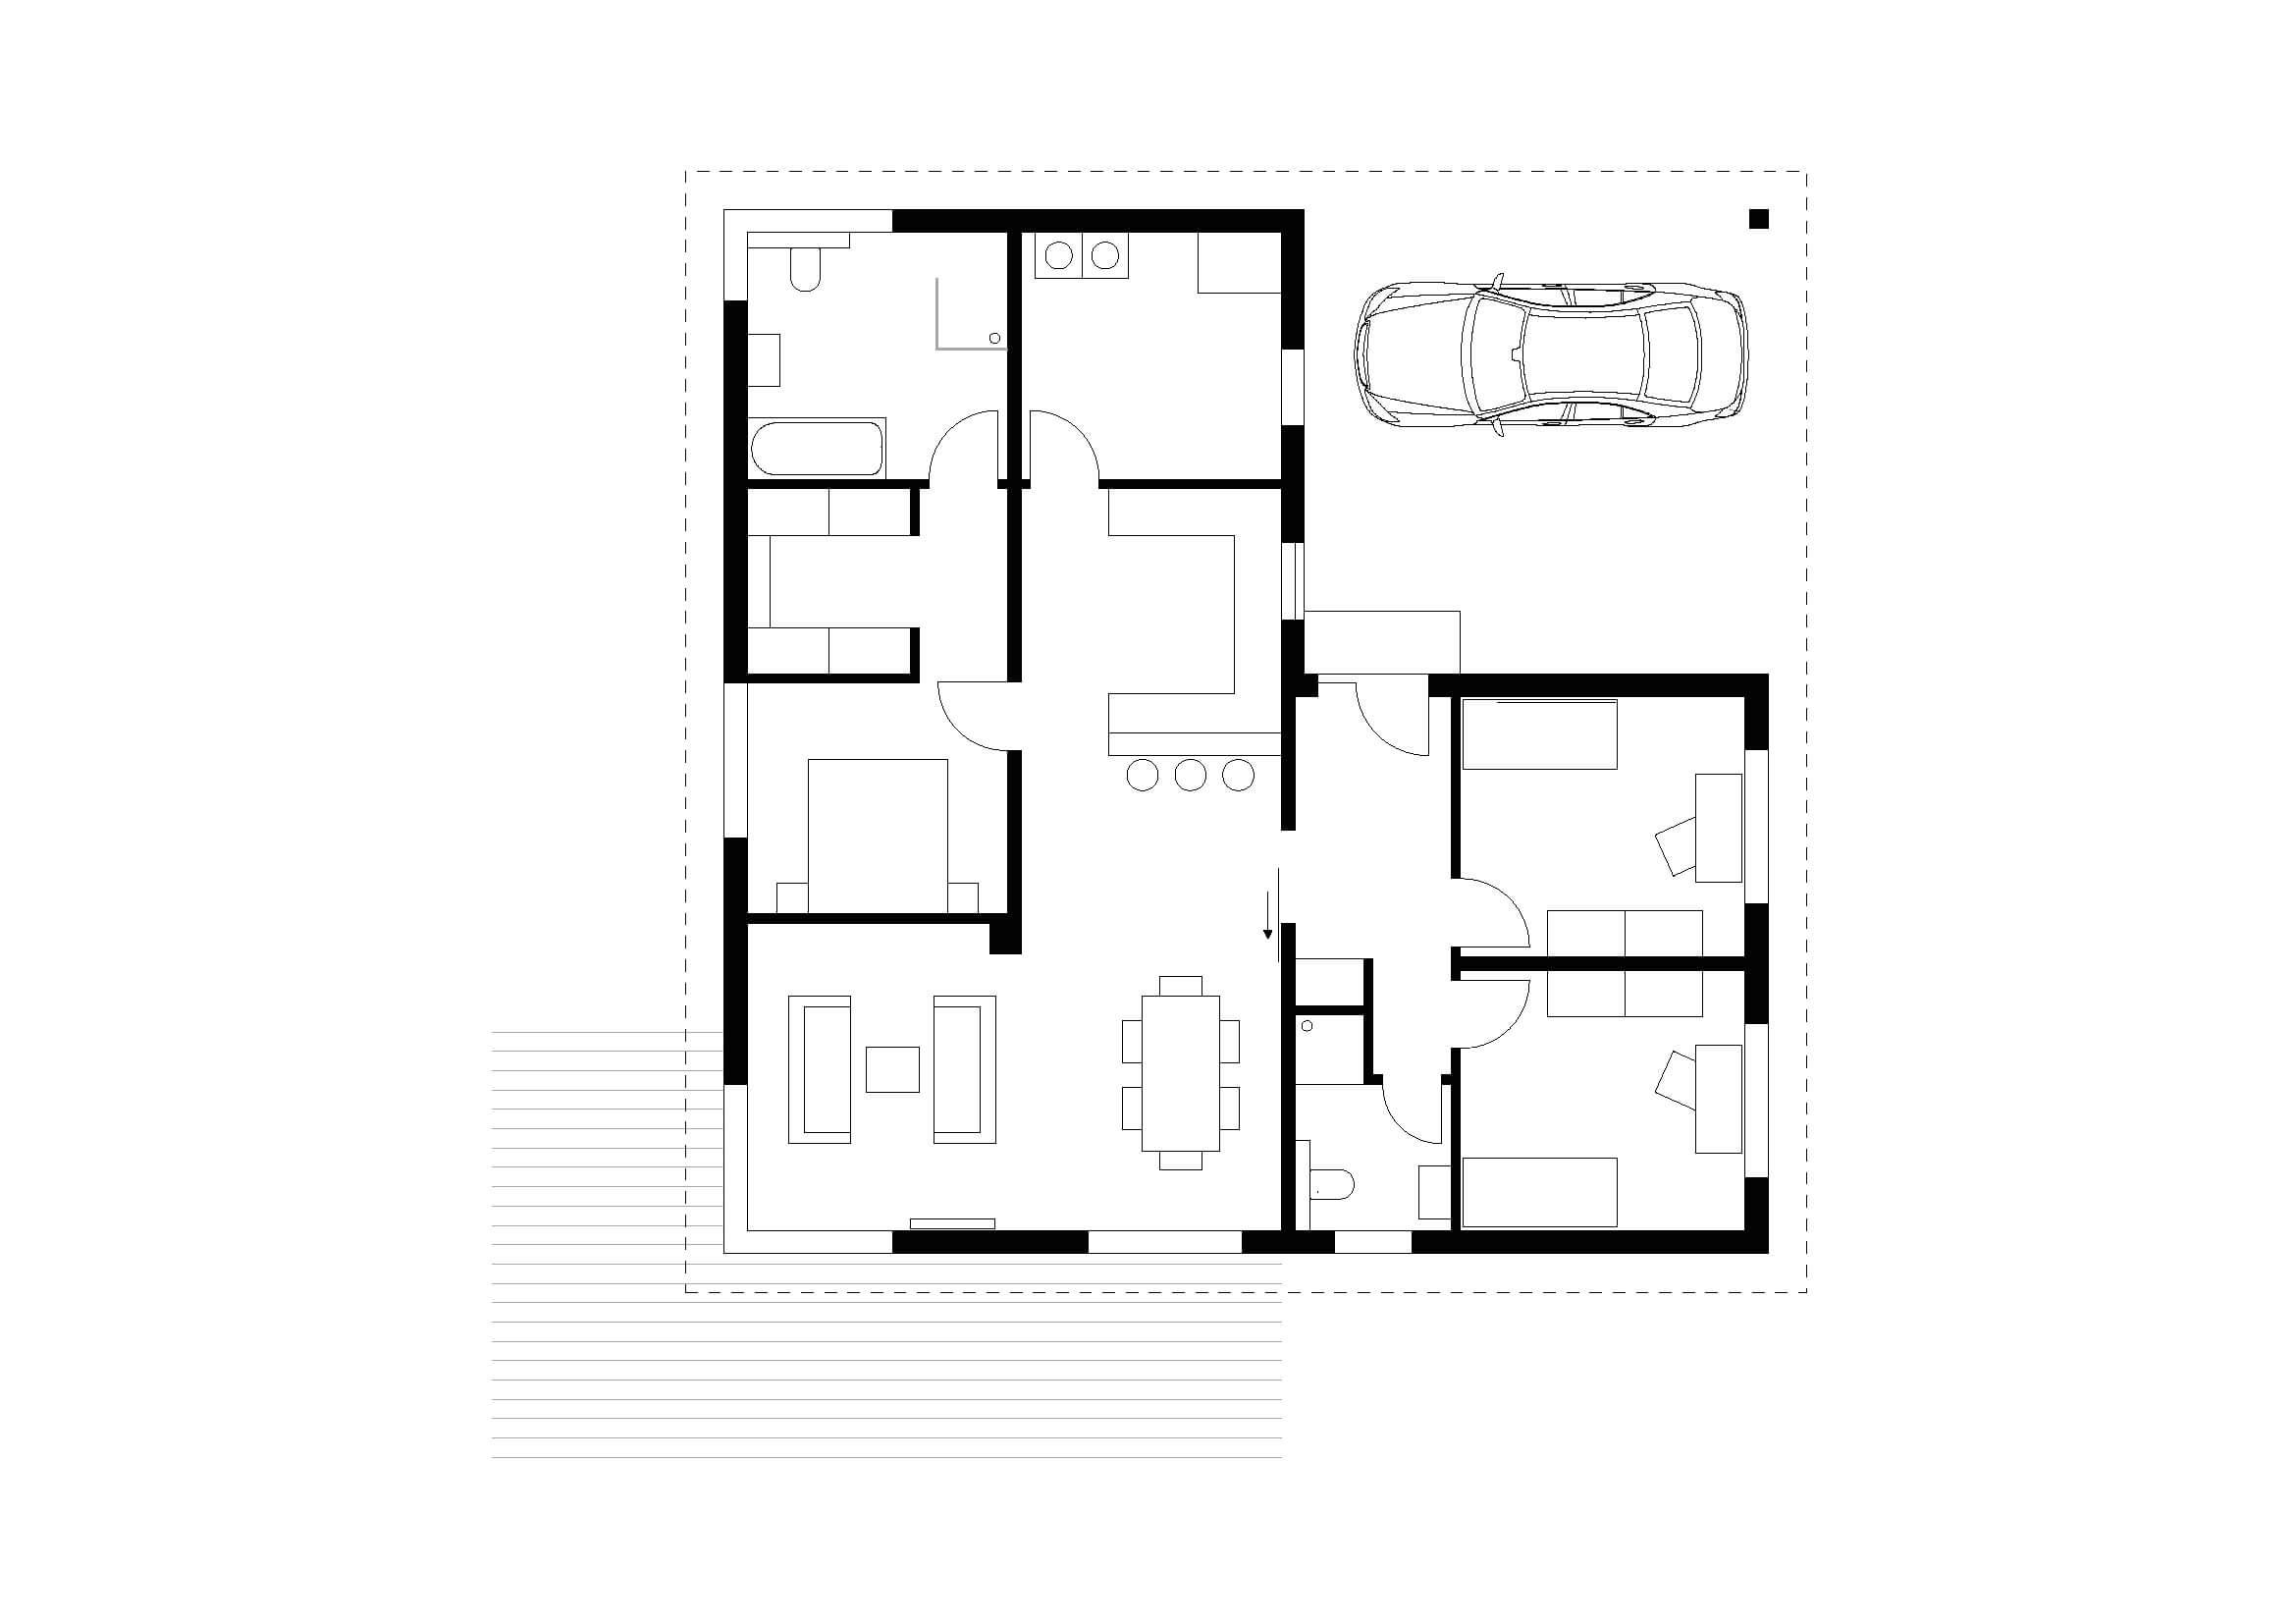 bungalow typ 3 mit 124 qm br uer architekten rostock. Black Bedroom Furniture Sets. Home Design Ideas